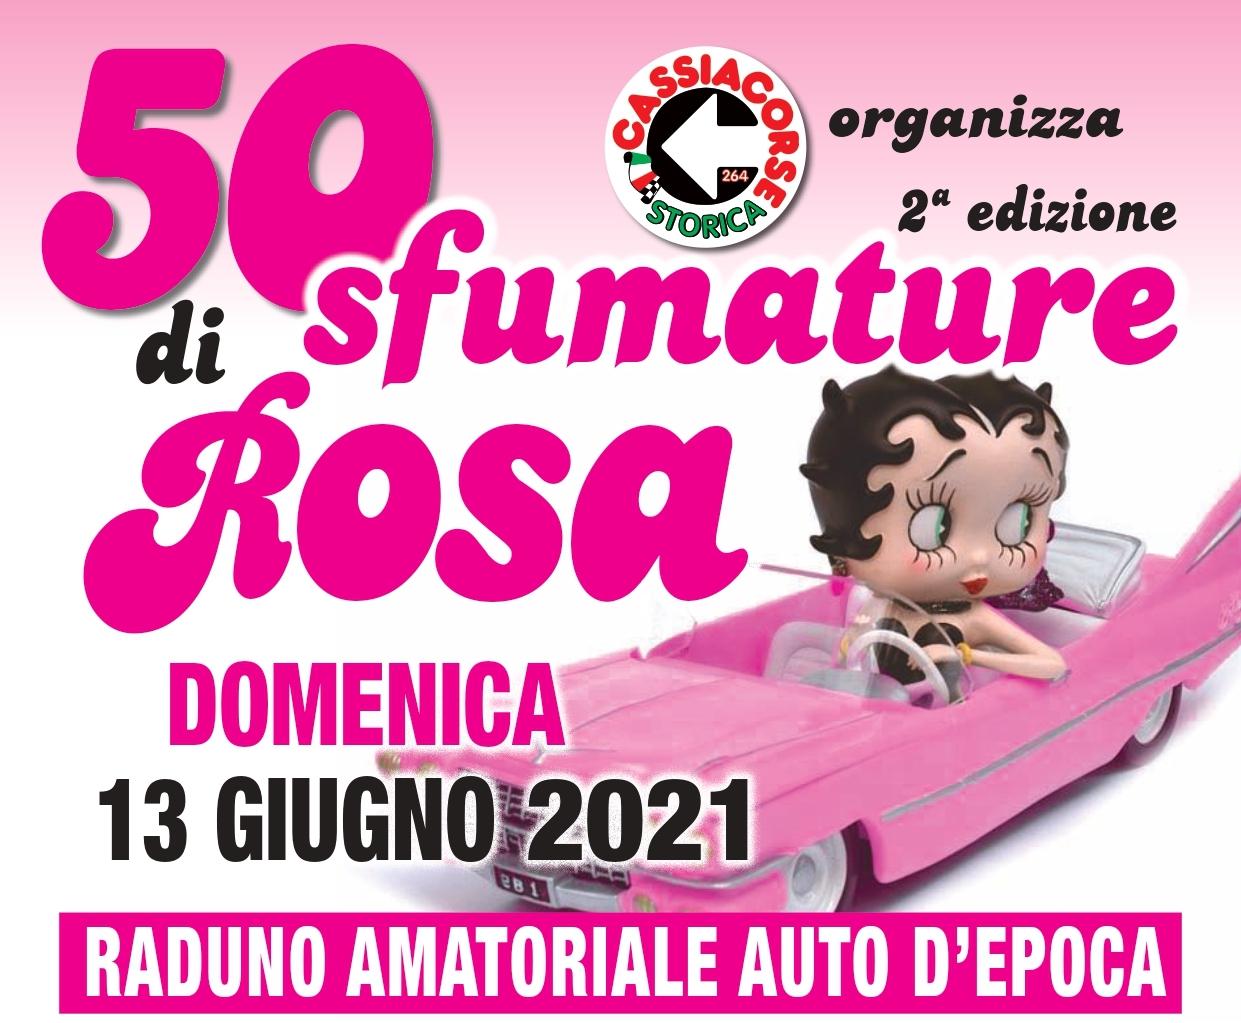 50 sfumature di rosa, appuntamento al 13 giugno